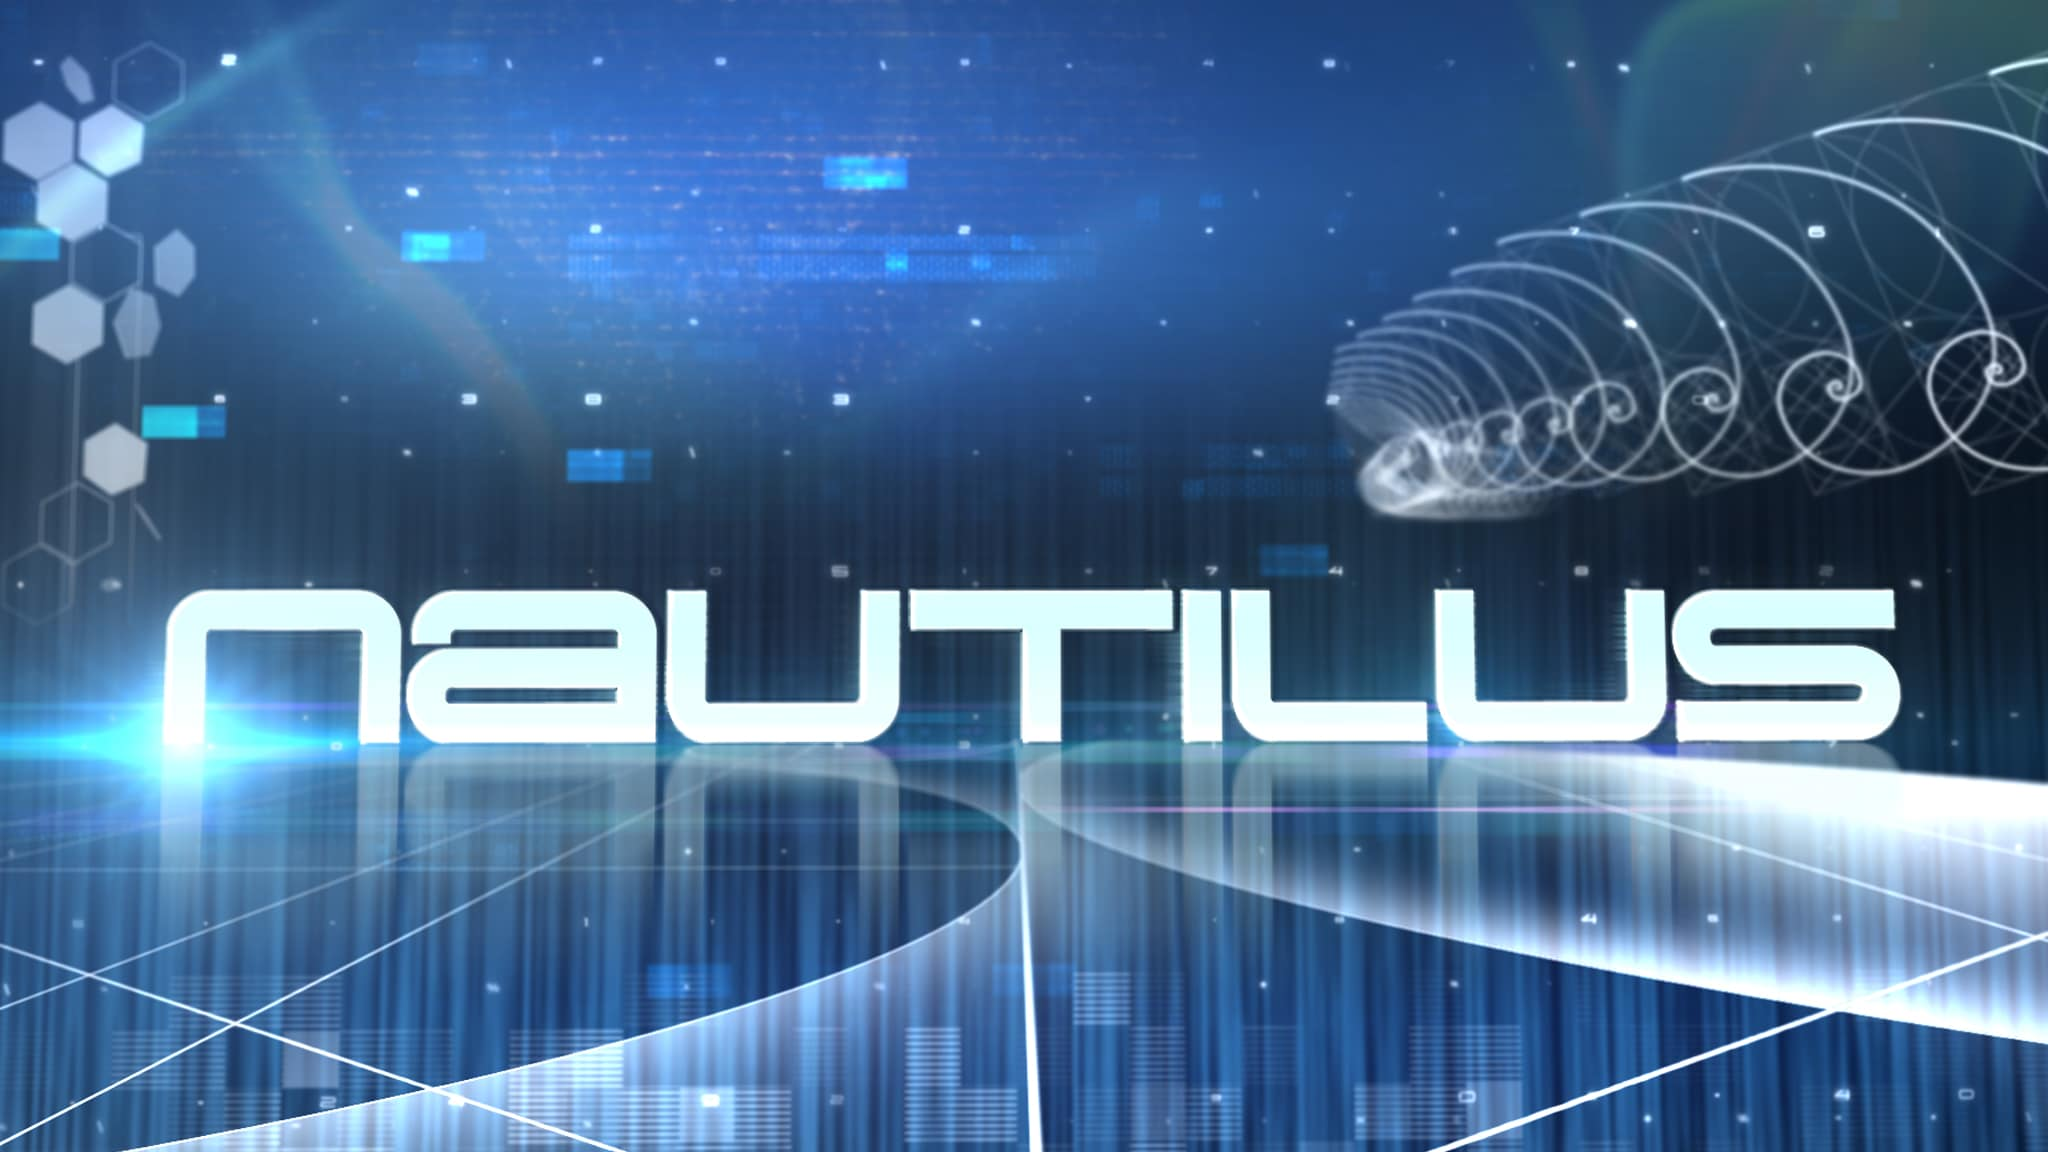 Rai Scuola Memex Nautilus - L'Acqua, il composto della vita